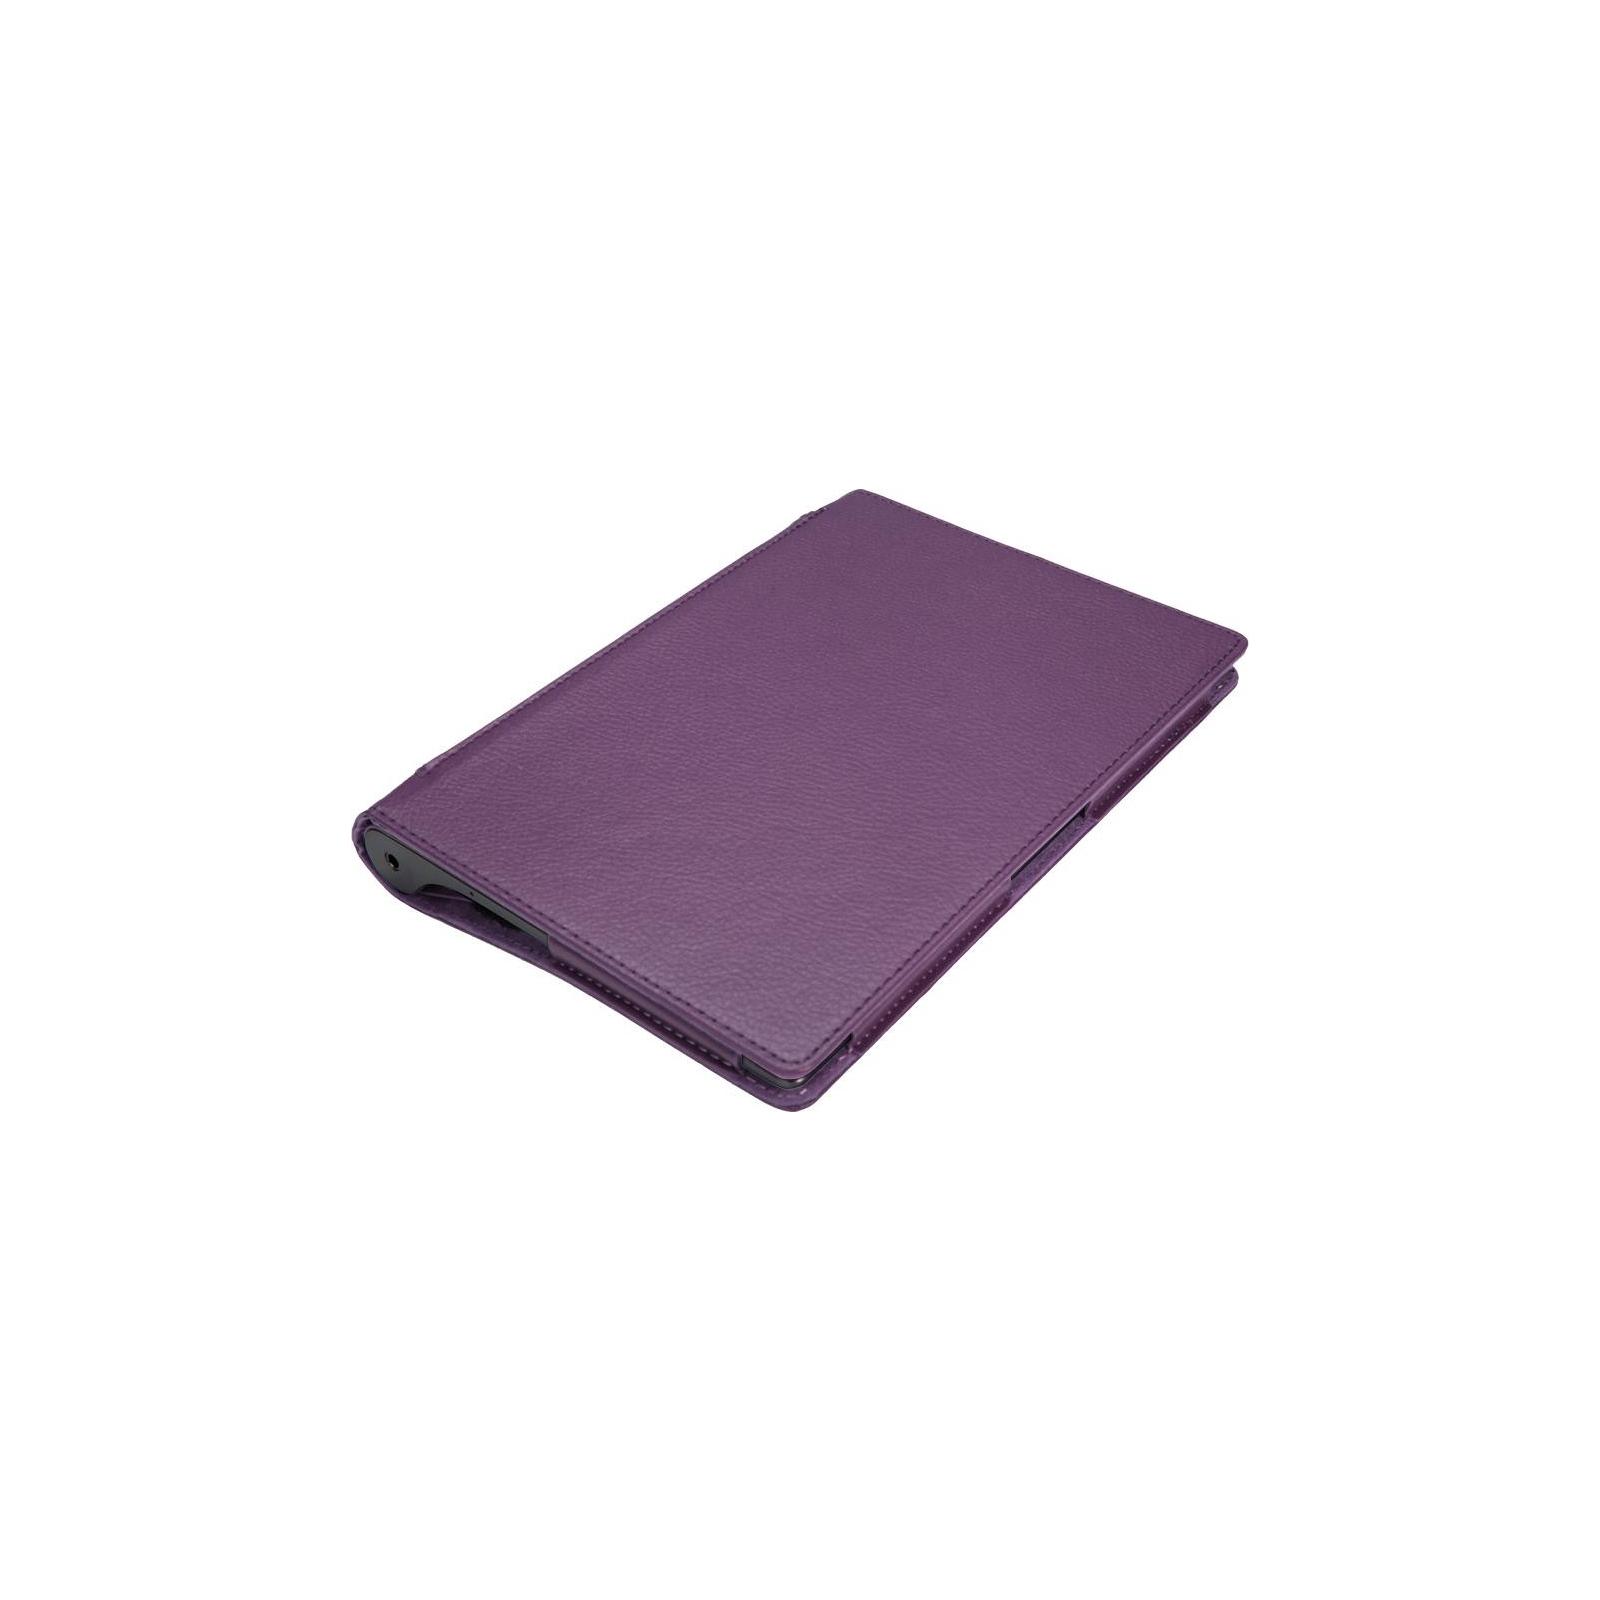 Чехол для планшета AirOn для Lenovo YOGA Tablet 3 8'' violet (4822352779641) изображение 3